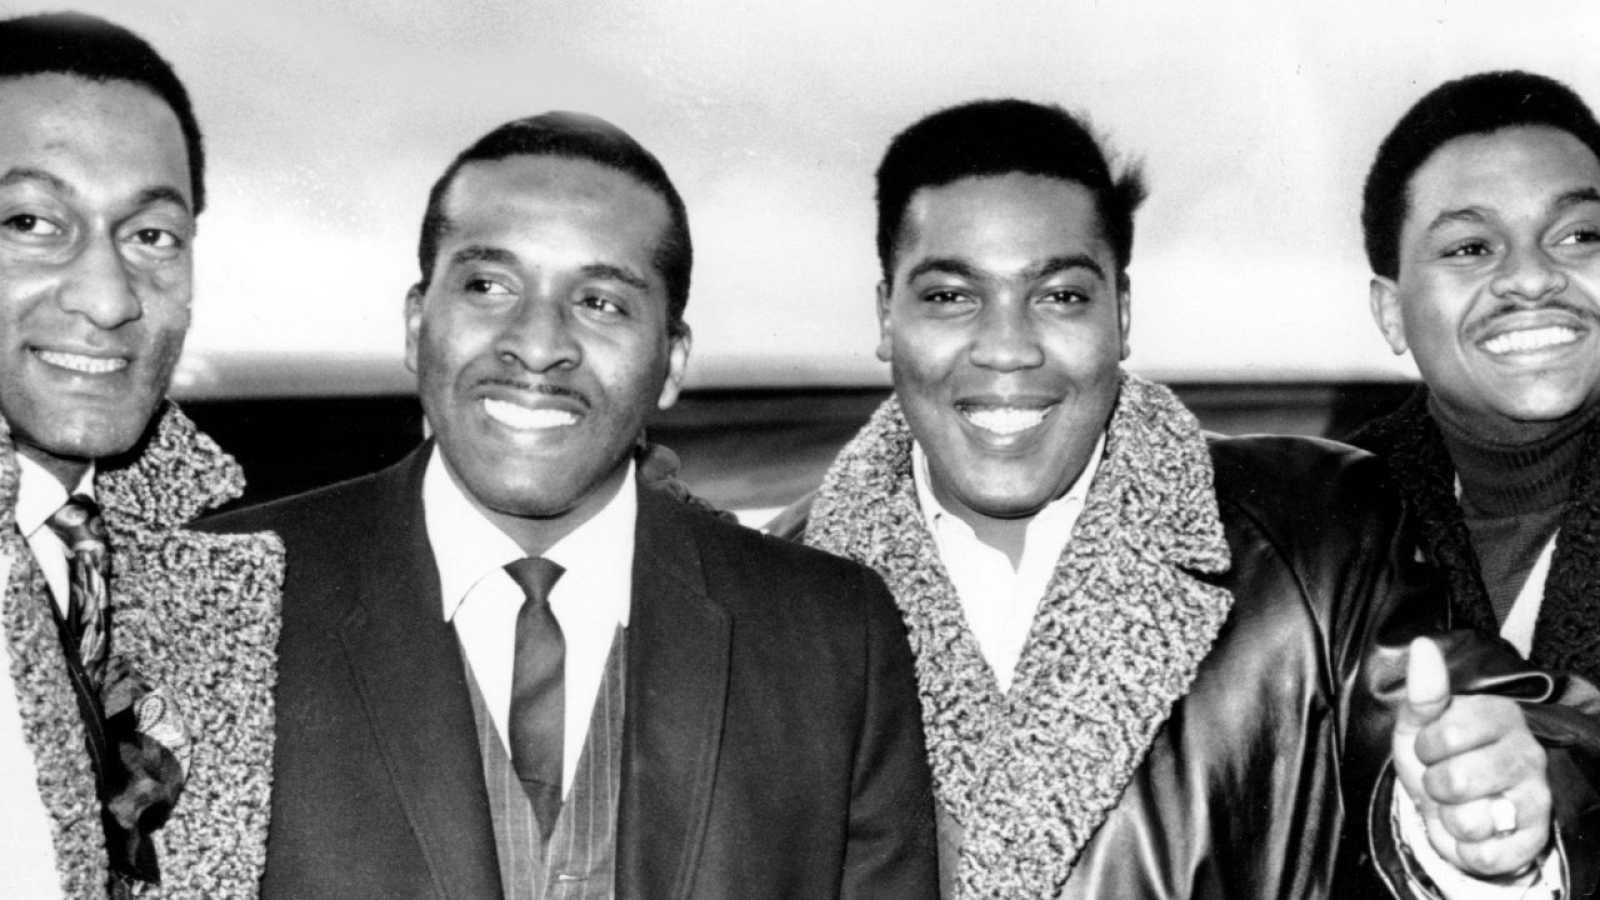 Cierra la puerta - THE FOUR TOPS: Hay vida después de la Motown (Parte 2) - 02/05/21 - escuchar ahora